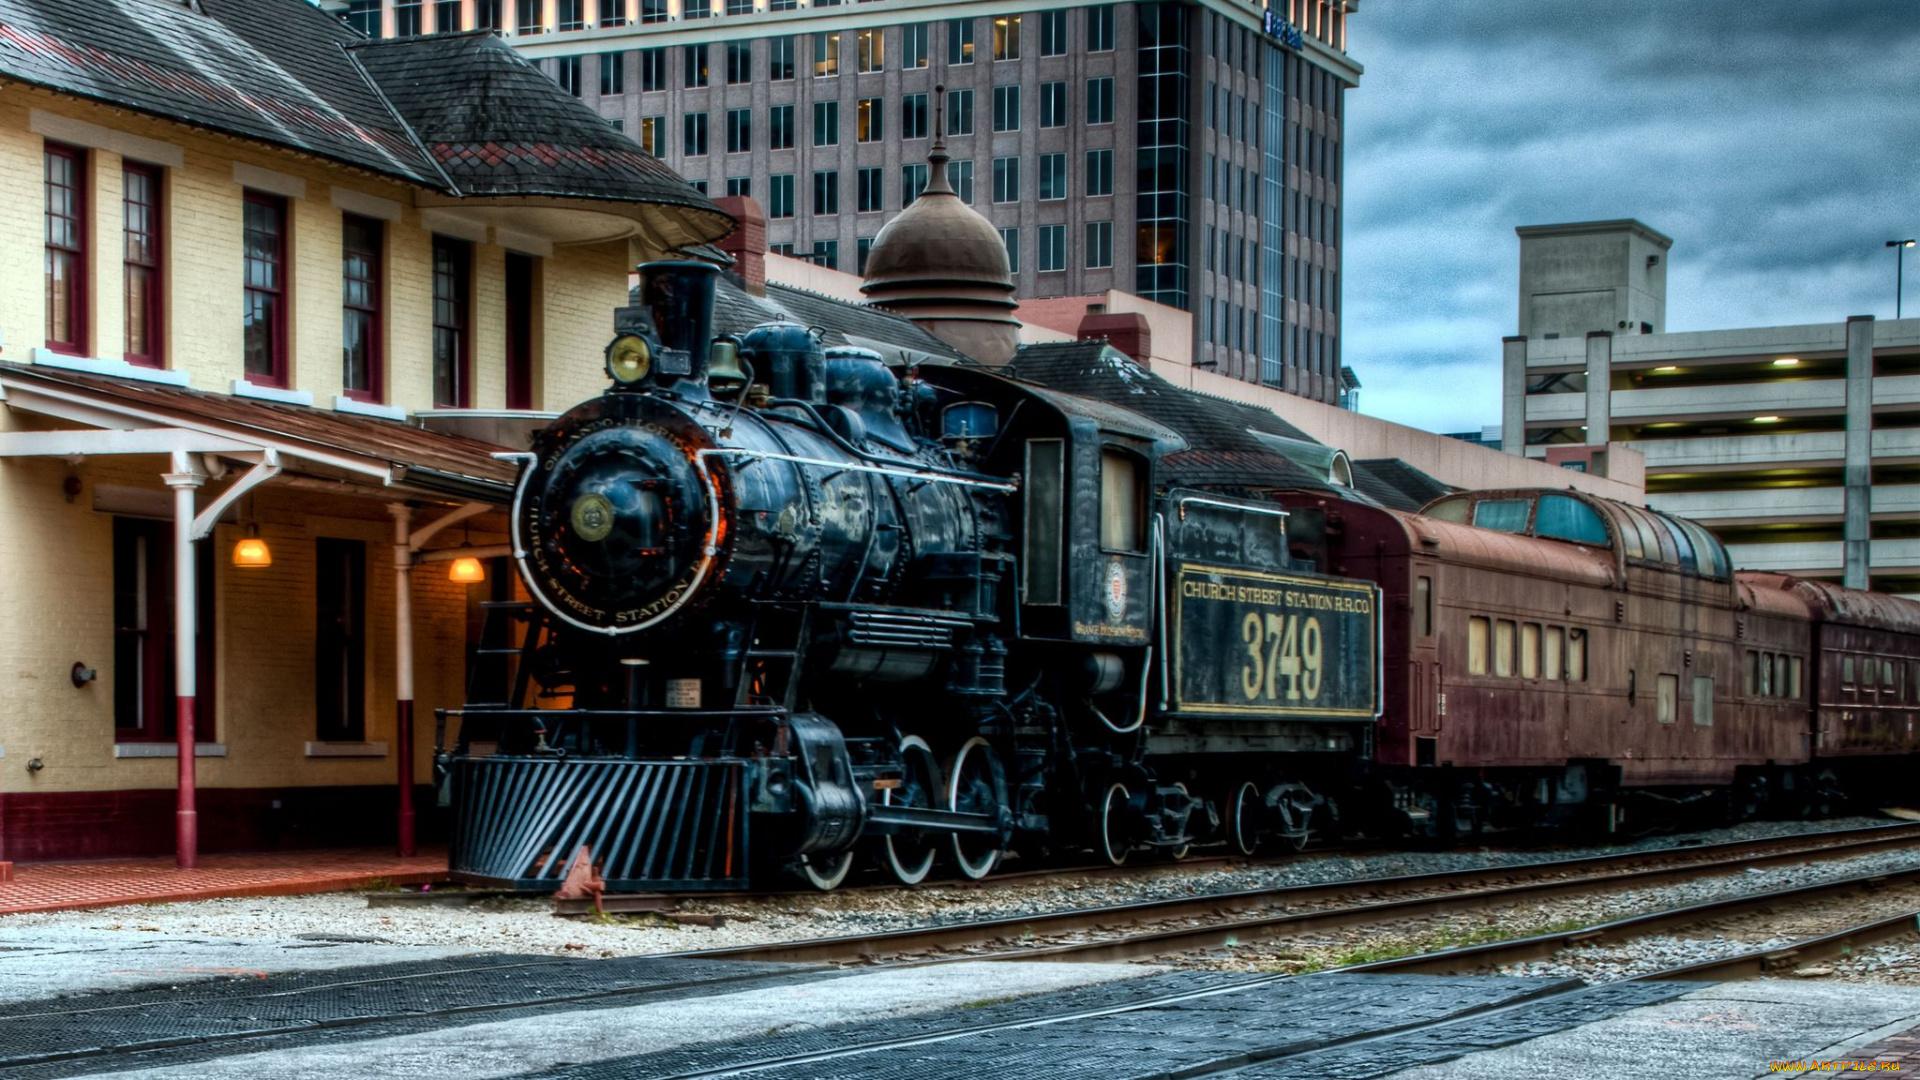 брюнетка красивыми онлайн видео старых русских поезд представители фабрик всей